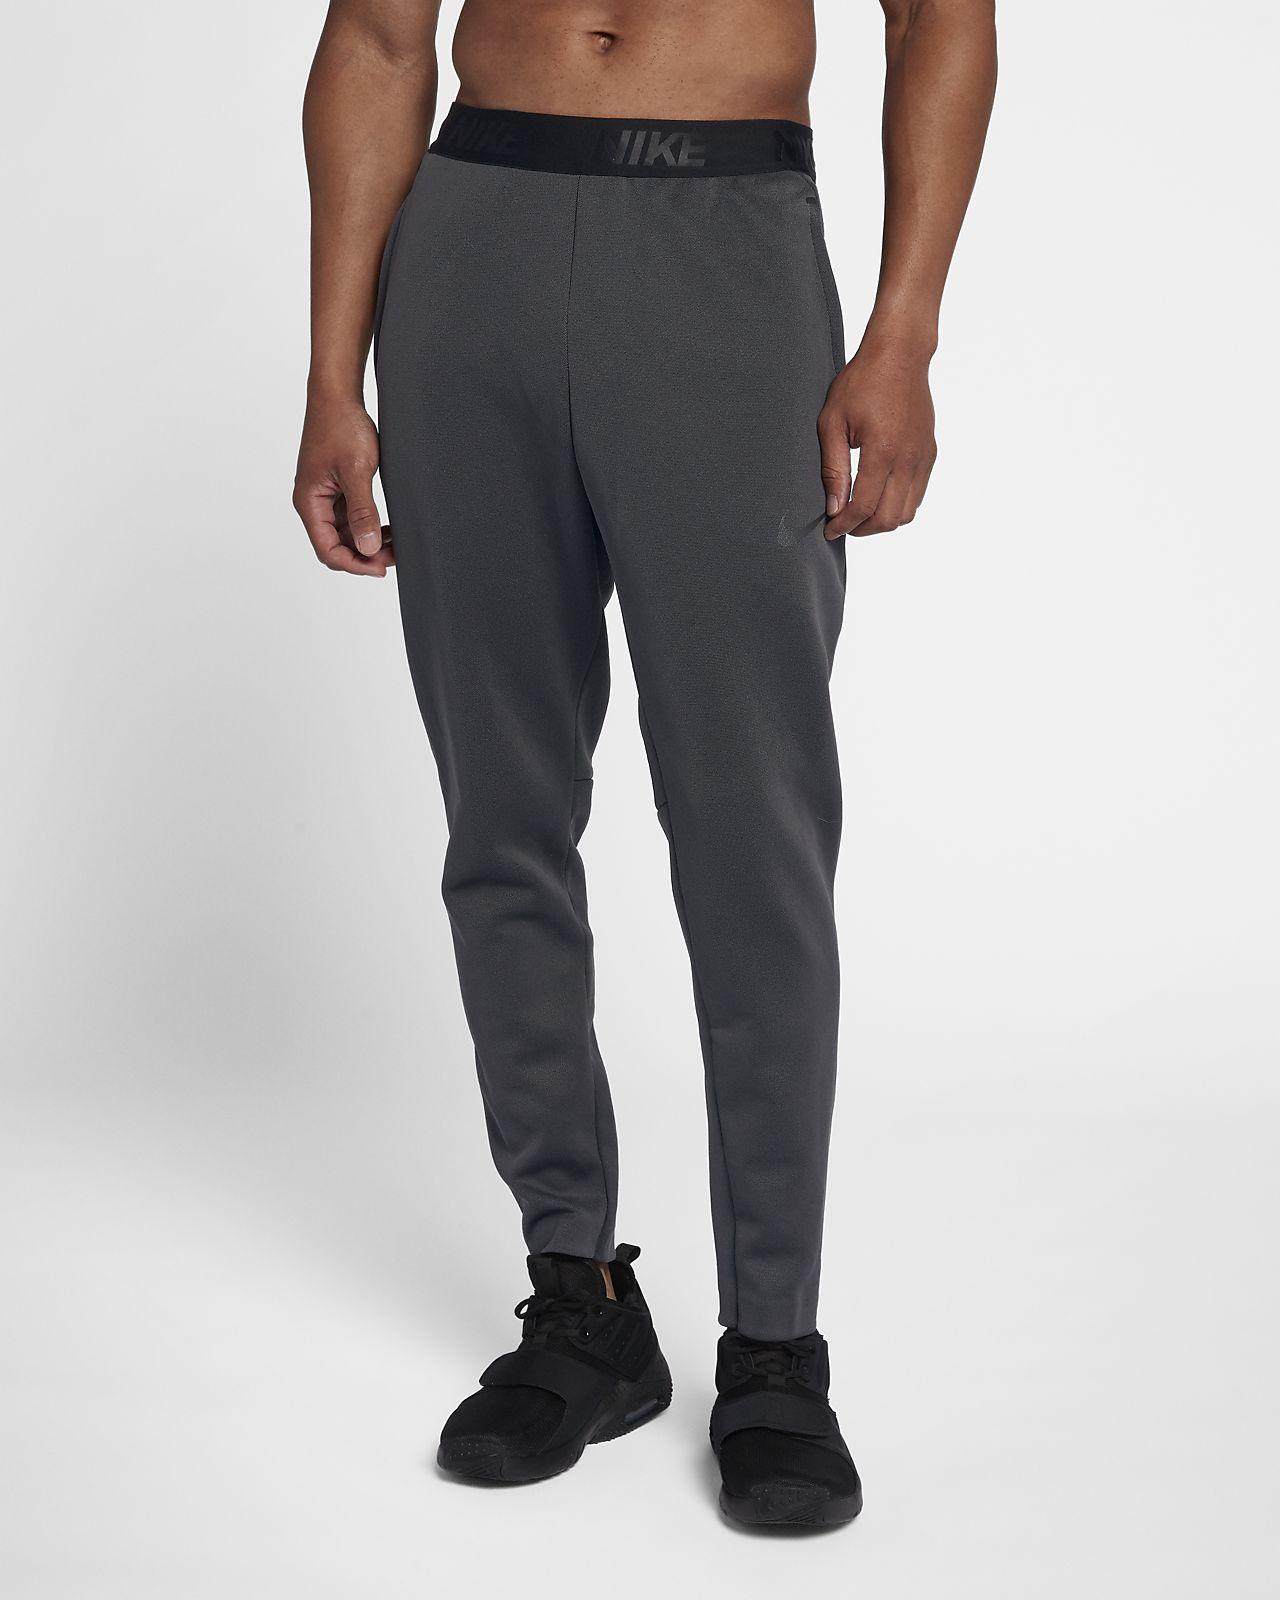 Nike Therma Sphere Max-træningsbukser til mænd